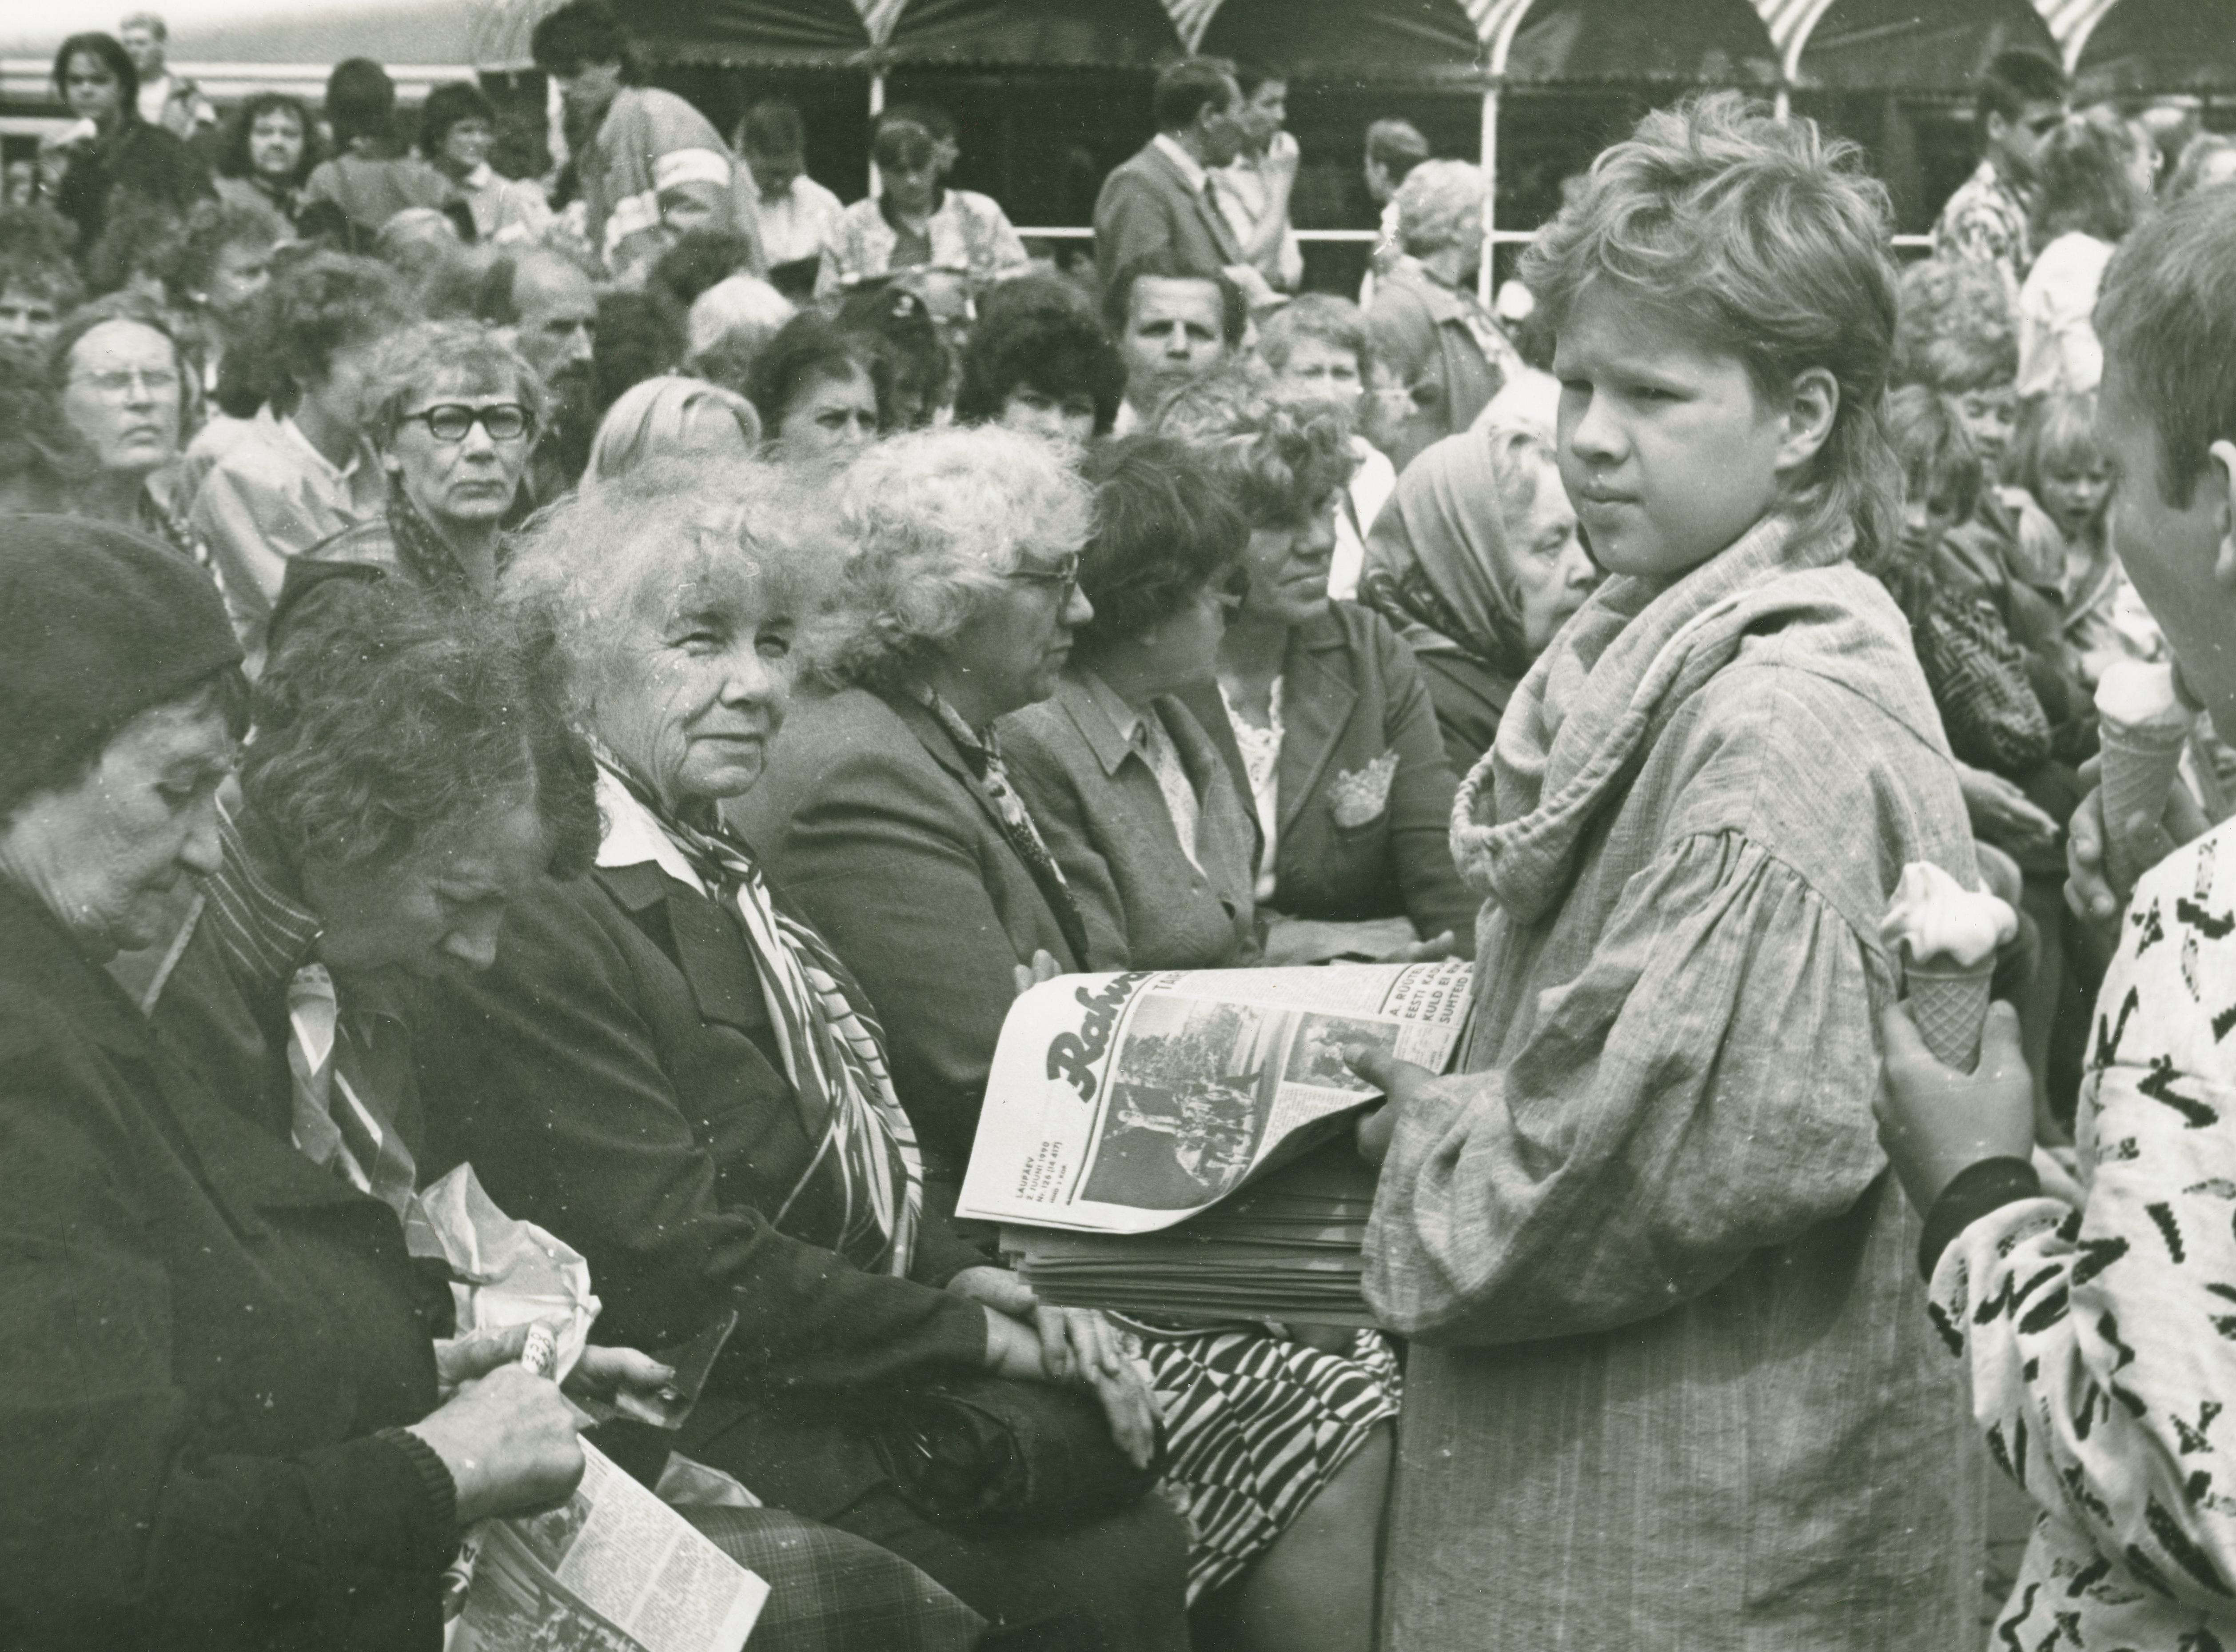 Foto Vanalinna päevadest aastatest 1984 - 1990. Rahvarohke üritus. Fotograaf: Georgi Tsvetkov. erf0002_002_0004294_00000_00004_fk